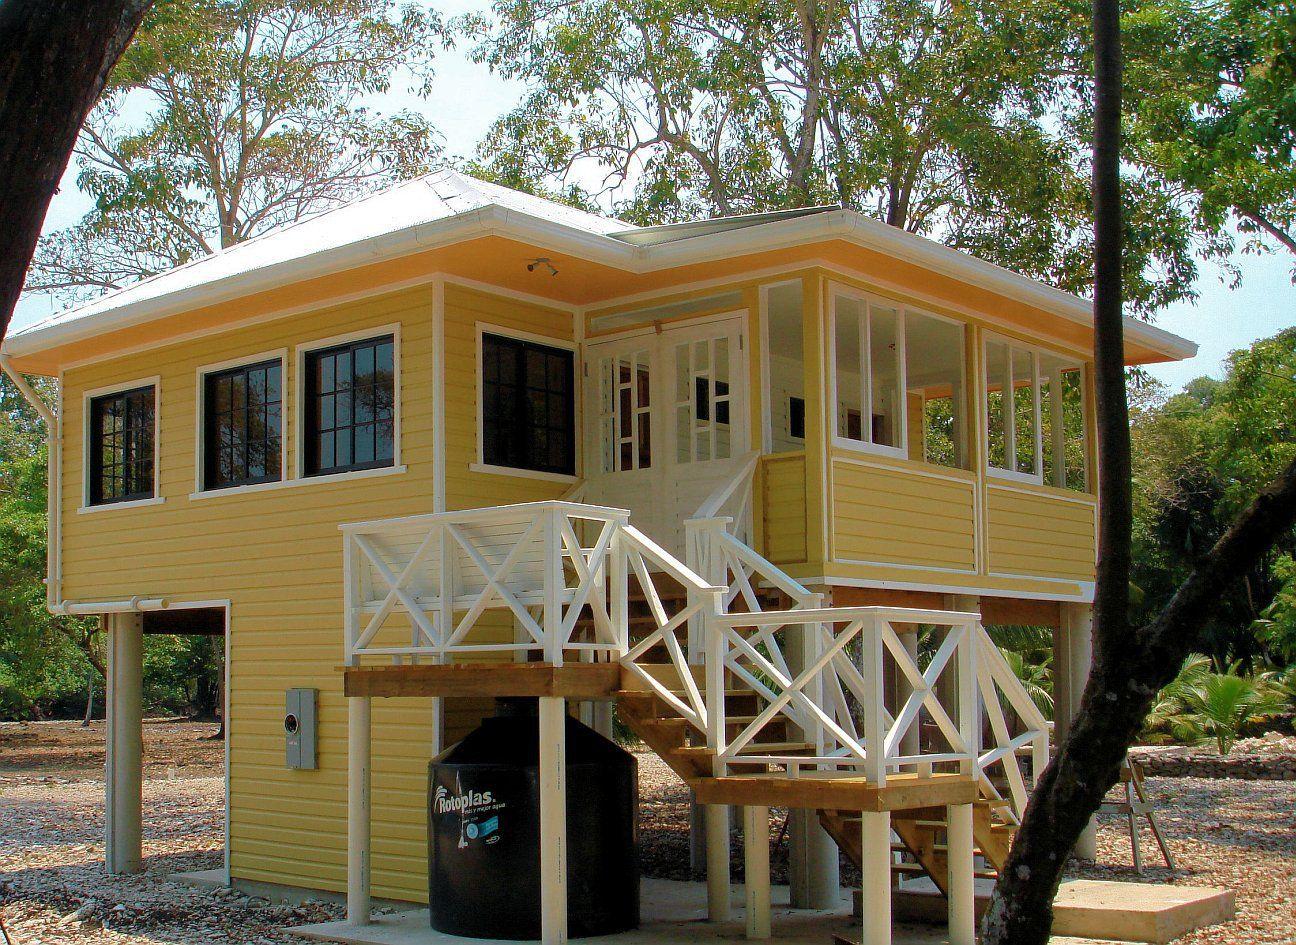 Gallery A Small Beach House On A Caribbean Island Small Beach Houses Small Beach Cottages Small Beach House Plans